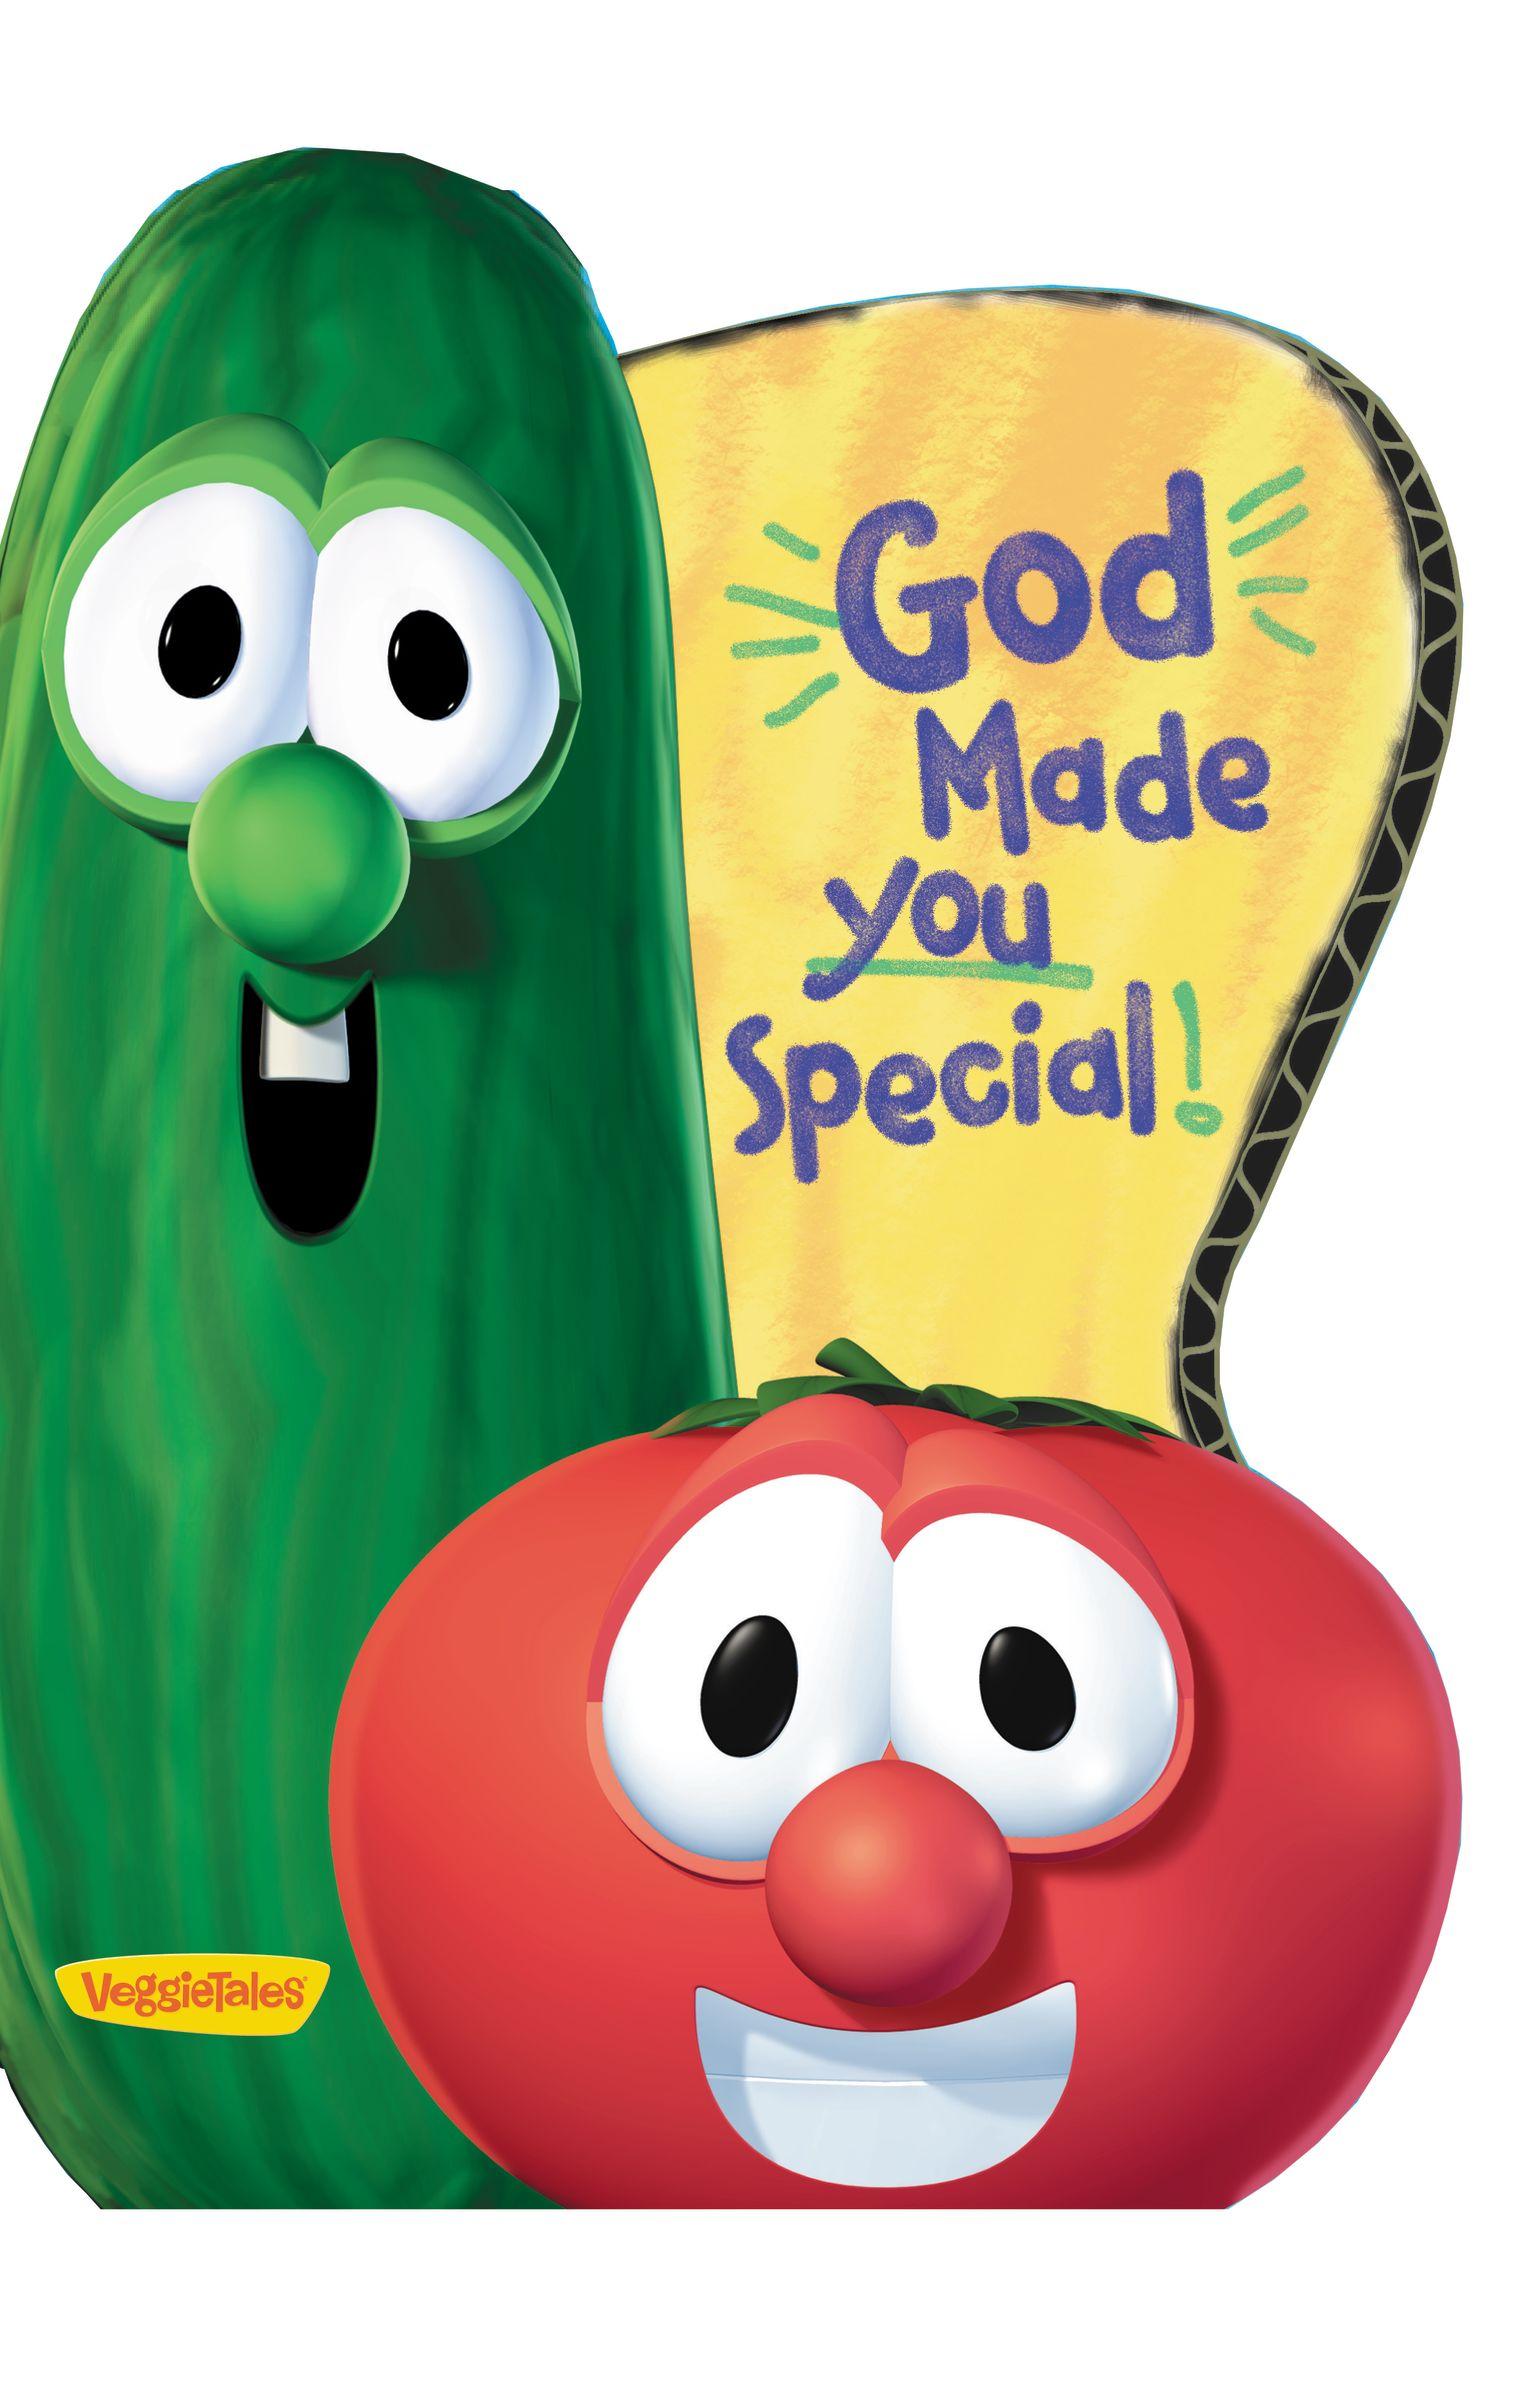 God Made You Special.